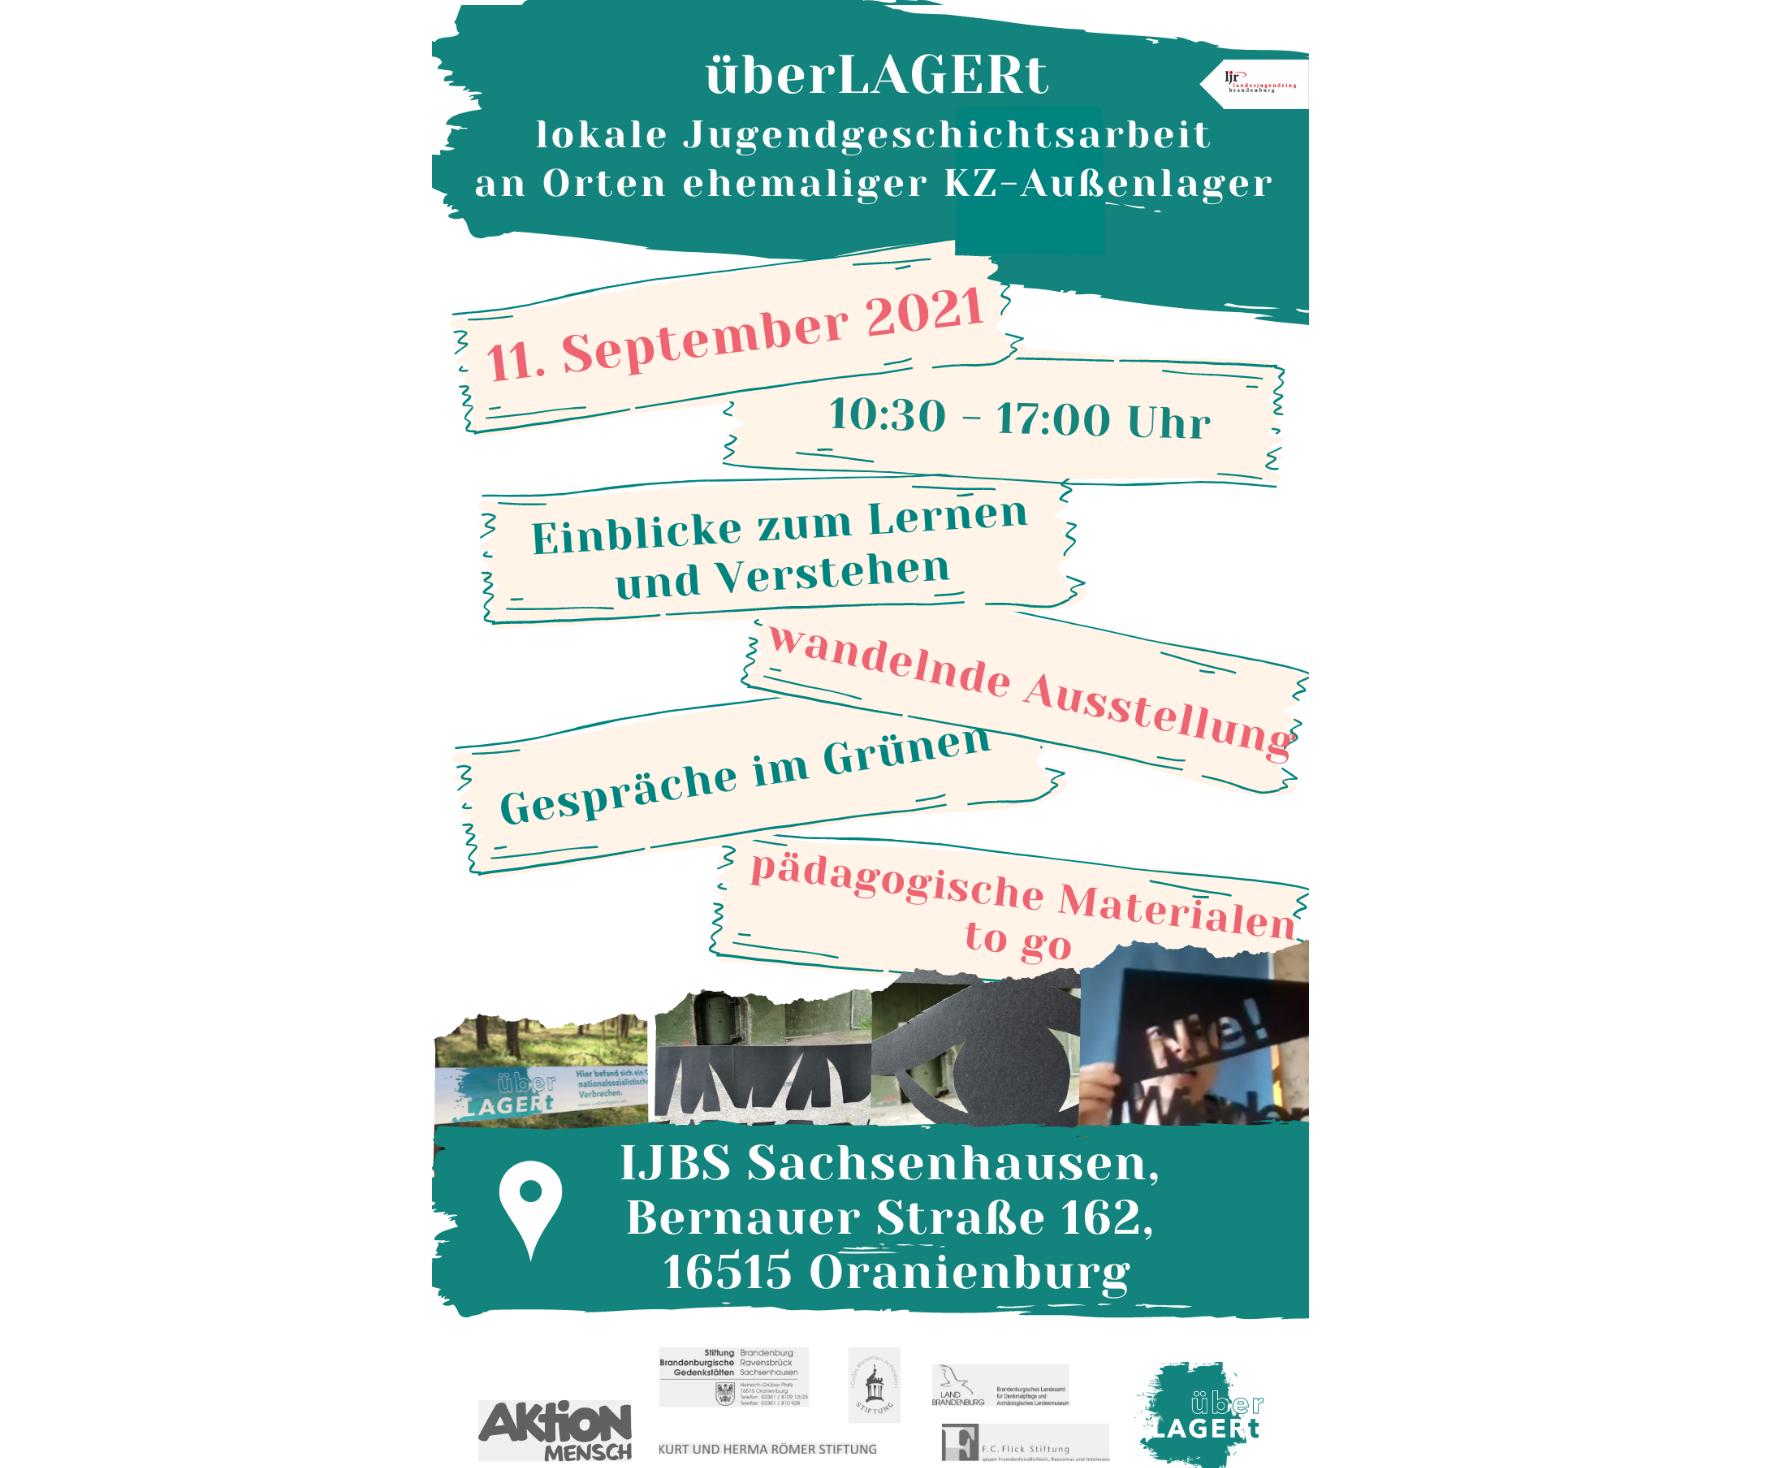 """Abschlussveranstaltung: """"überLAGERt"""" – lokale Jugendgeschichtsarbeit an Orten ehemaliger KZ-Außenlager in Brandenburg"""""""